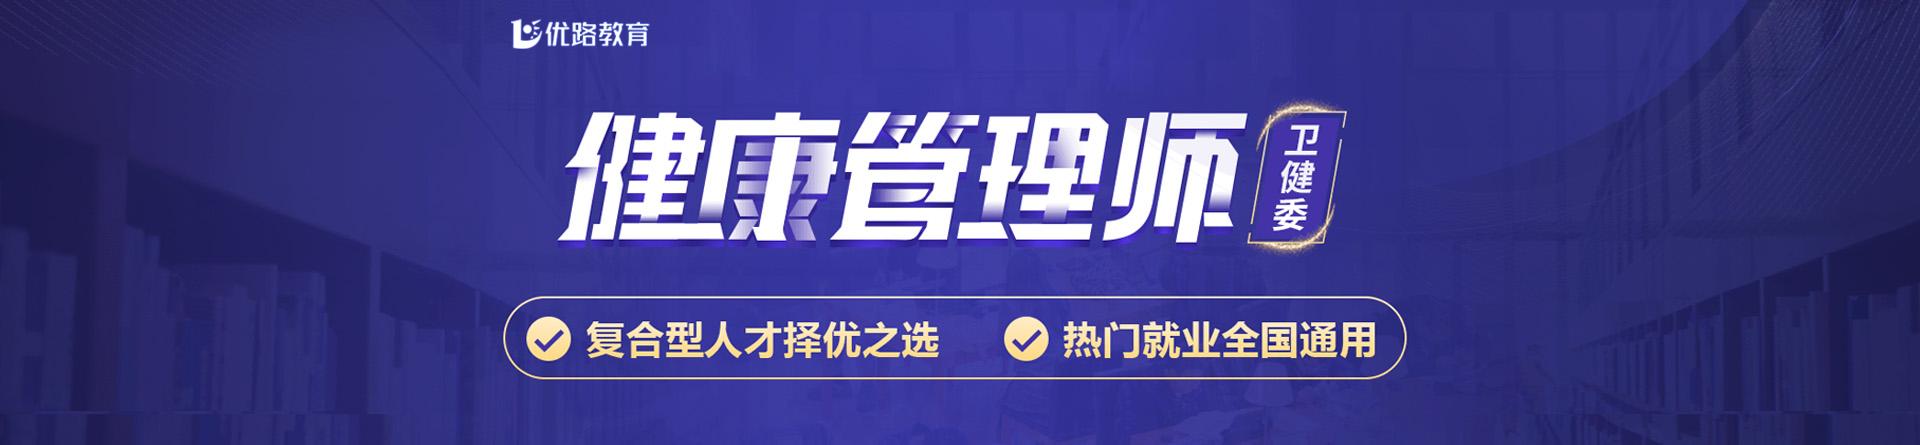 九江健康管理师考试条件要求